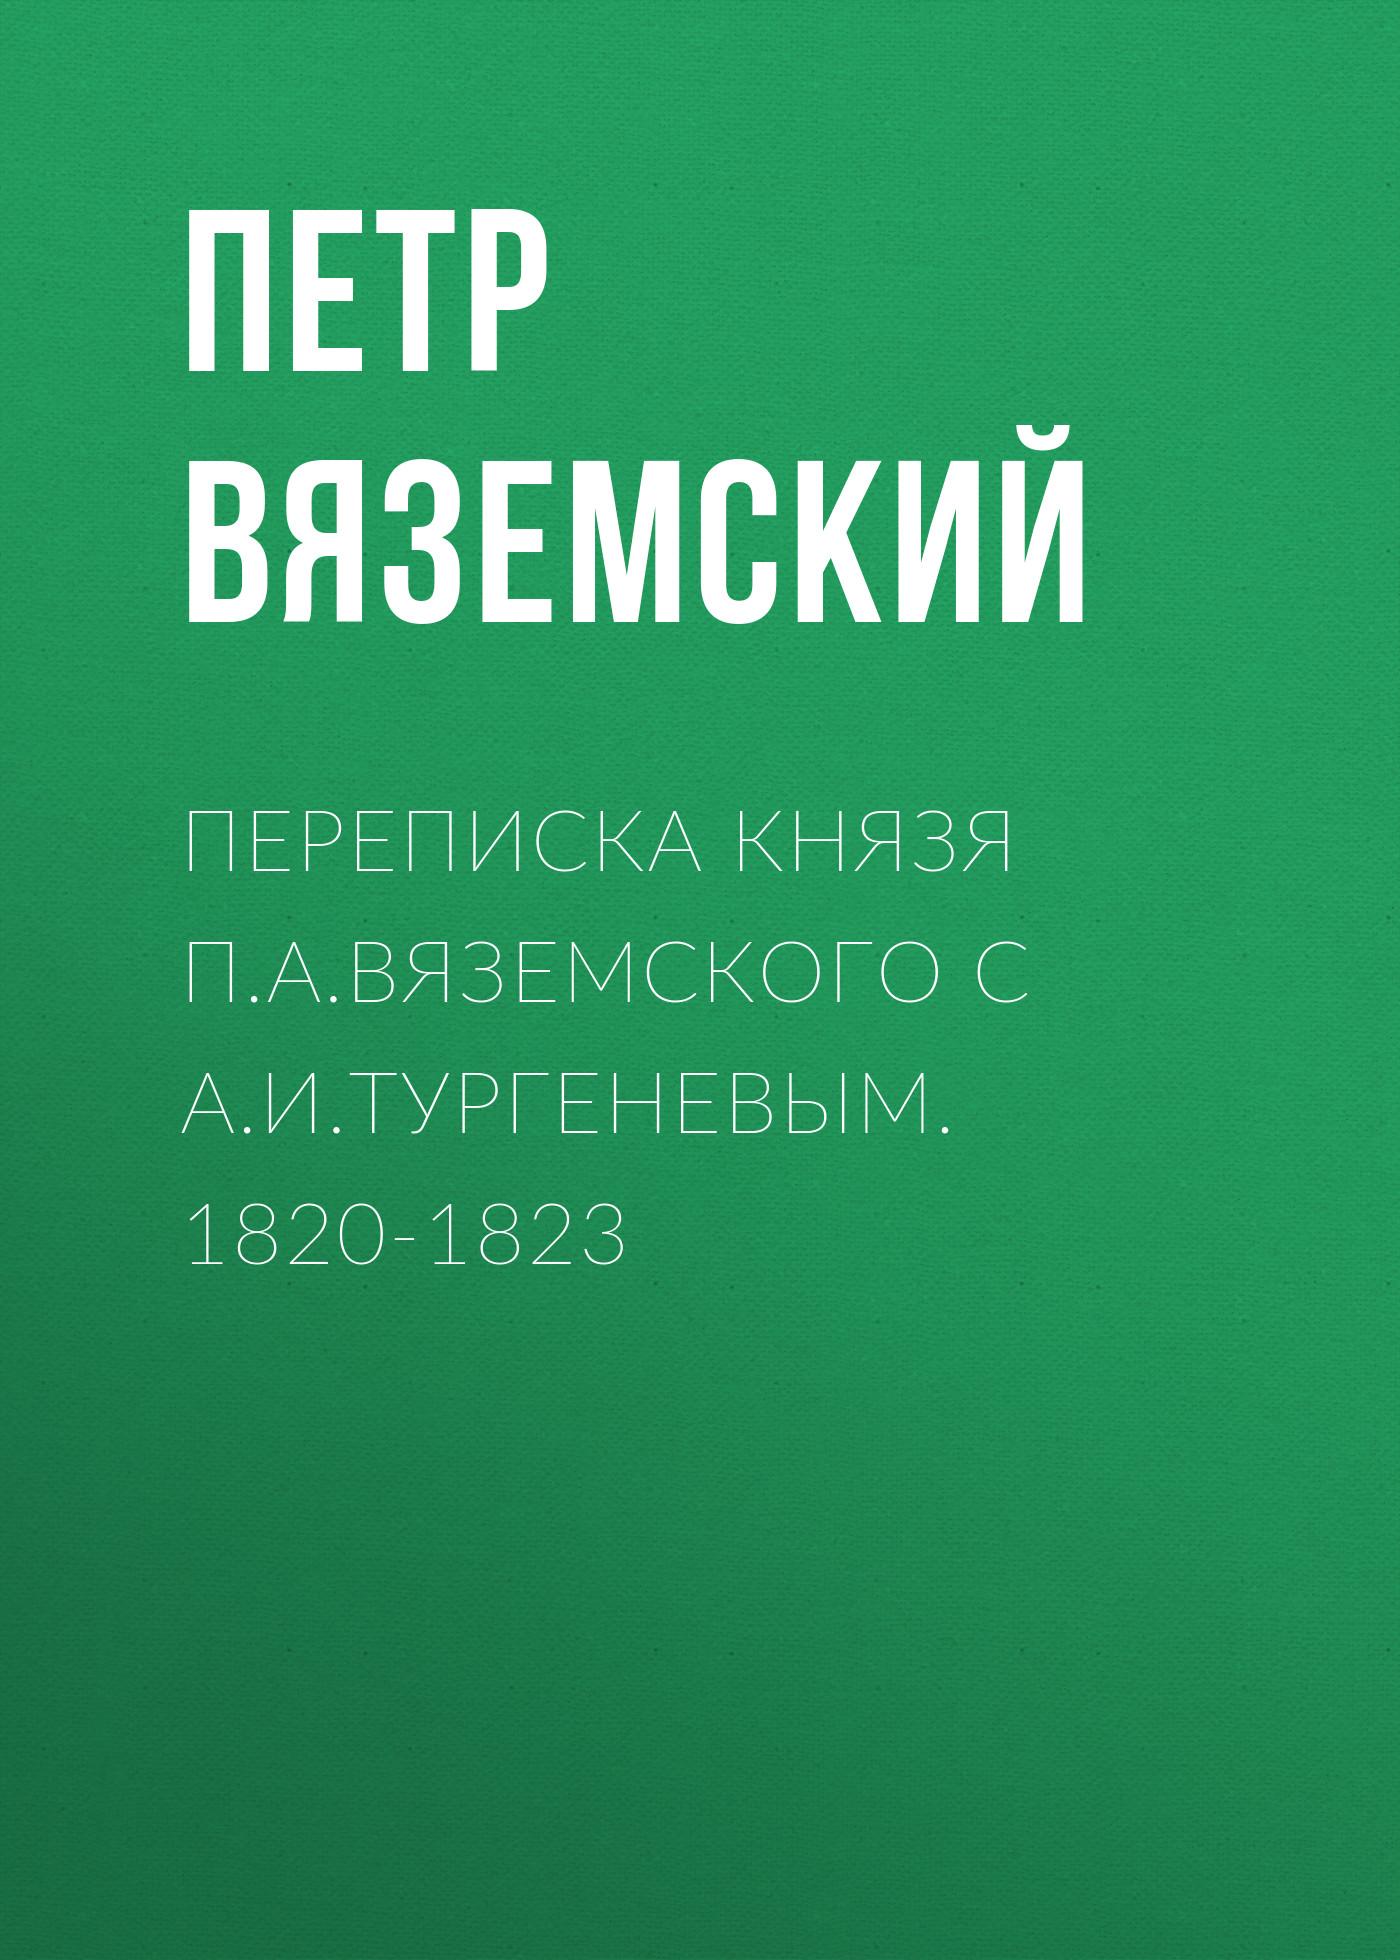 Переписка князя П.А.Вяземского с А.И.Тургеневым. 1820-1823